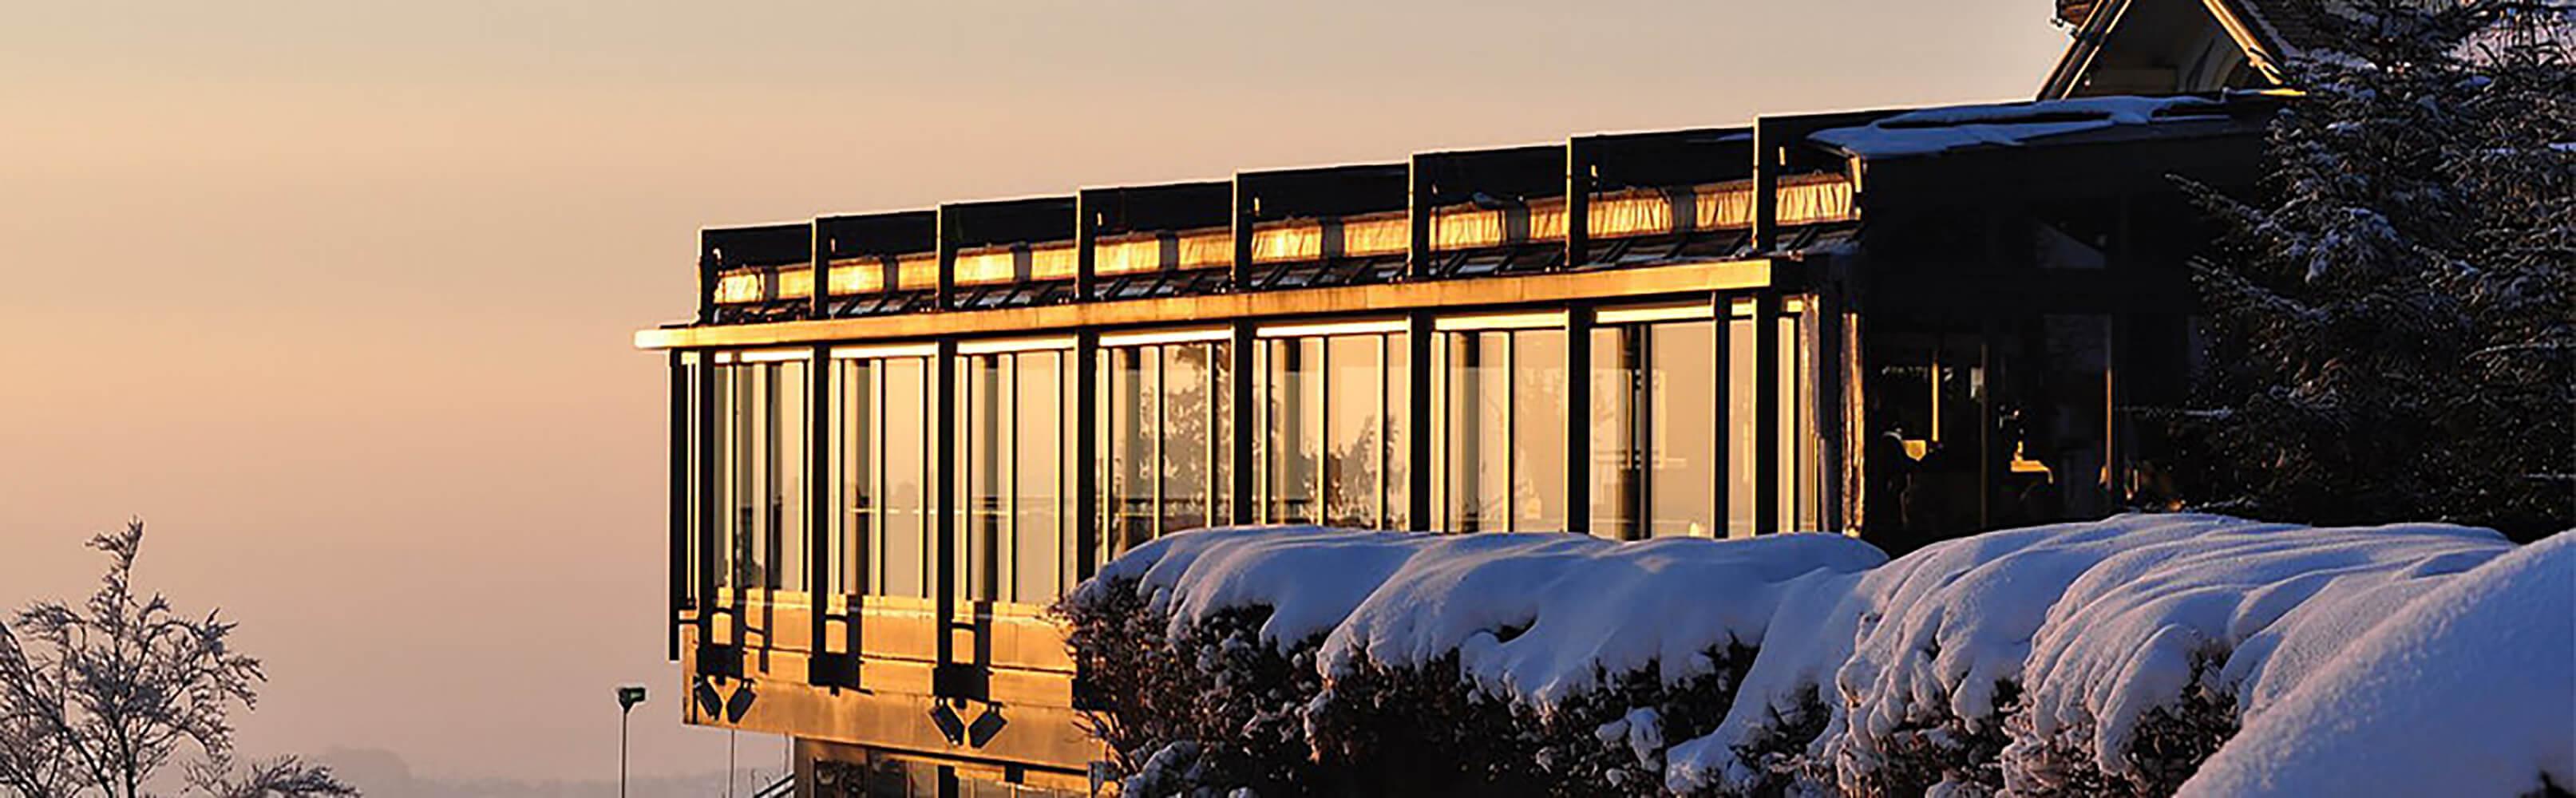 Uetliberg - Top of Zurich 1